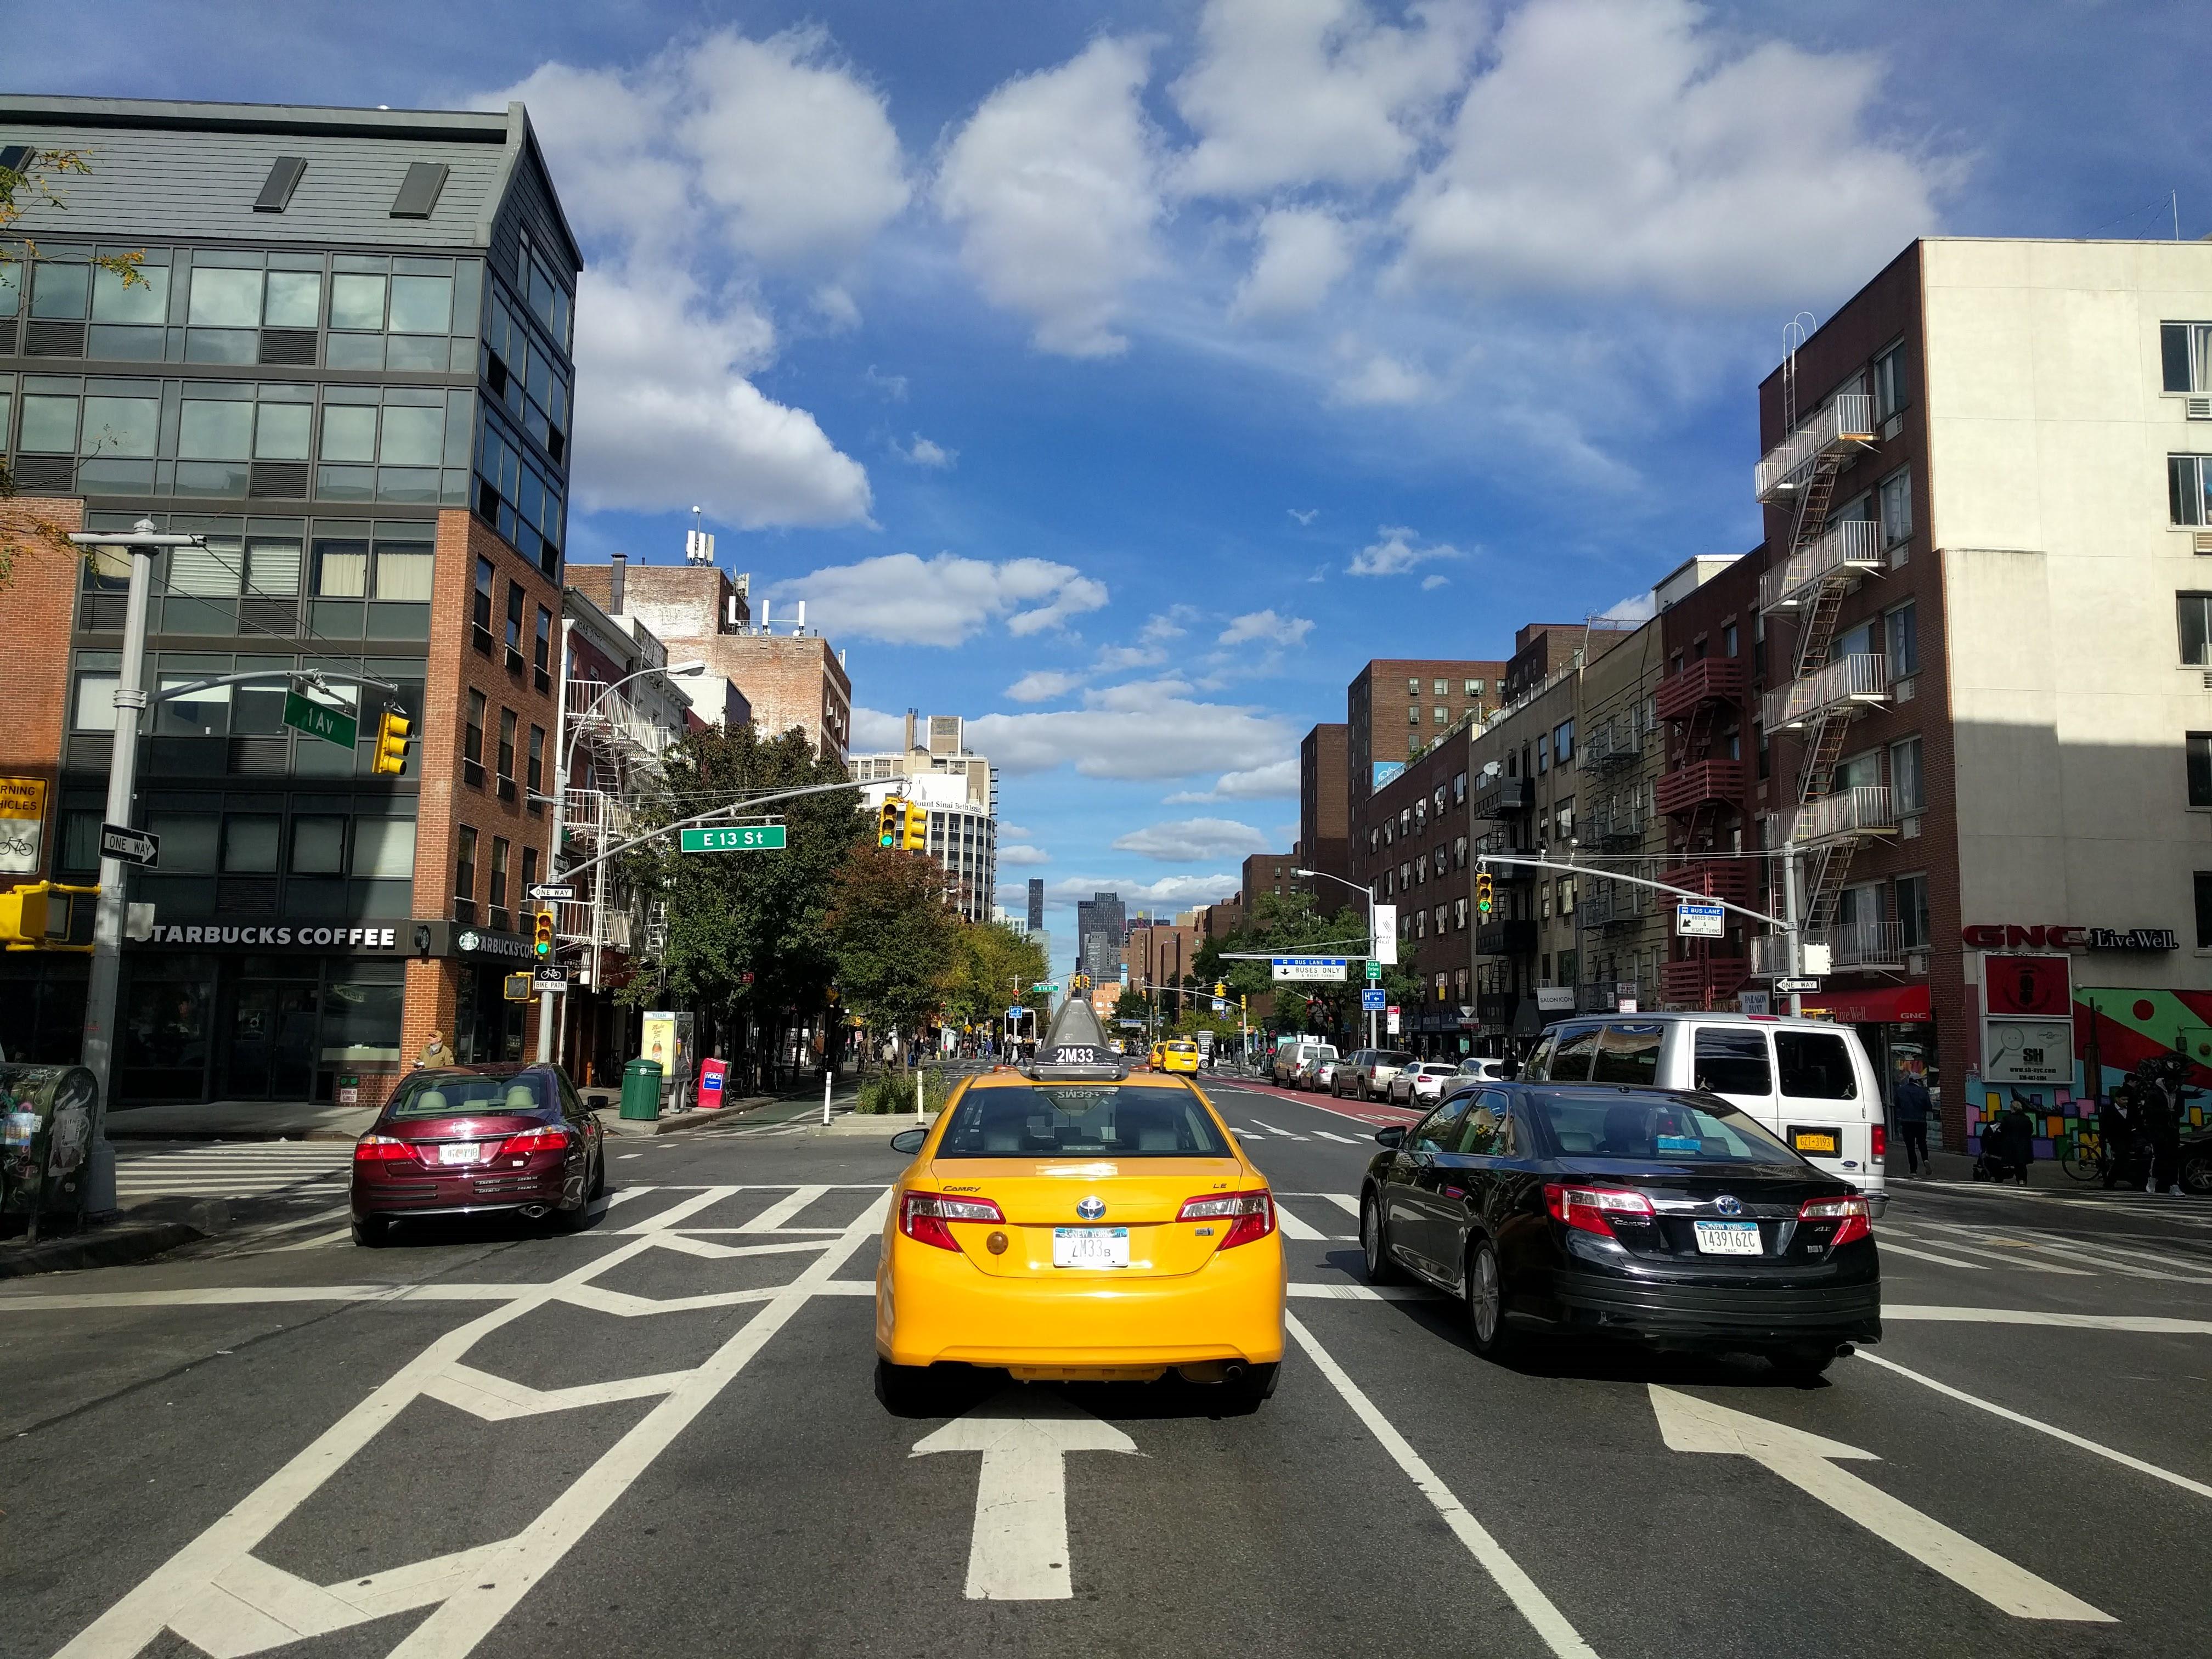 один мой обычный выходной в Нью-Йорке, фото 14